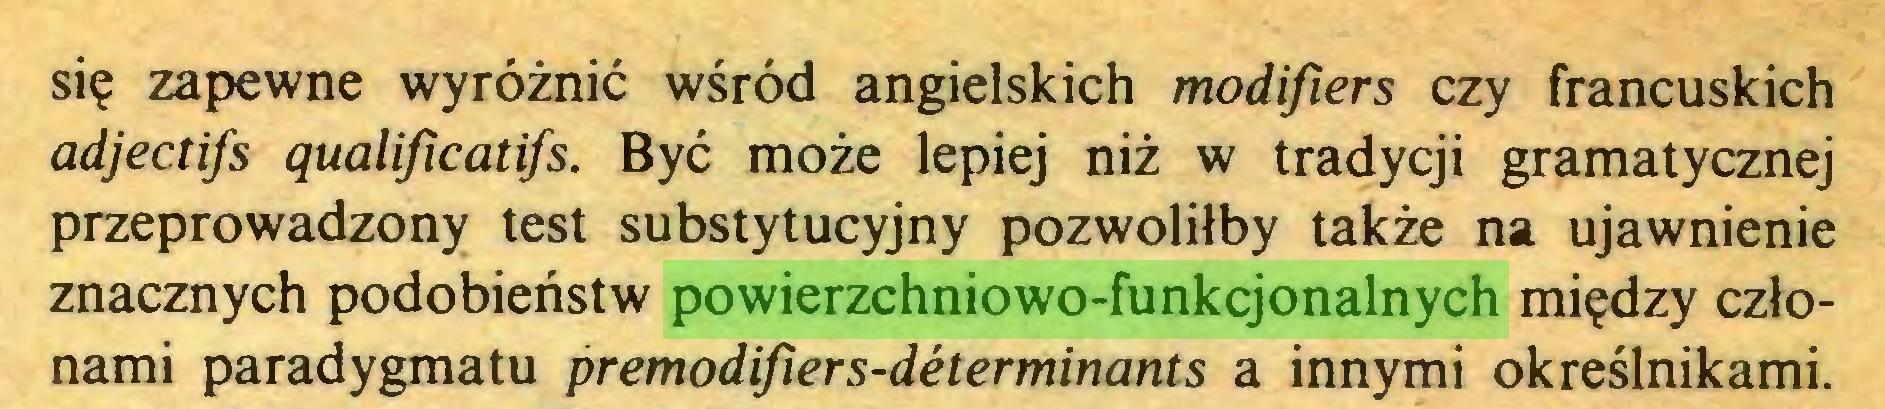 (...) się zapewne wyróżnić wśród angielskich modifiers czy francuskich adjectifs qualificatifs. Być może lepiej niż w tradycji gramatycznej przeprowadzony test substytucyjny pozwoliłby także na ujawnienie znacznych podobieństw powierzchniowo-funkcjonalnych między członami paradygmatu premodifiers-déterminants a innymi określnikami...